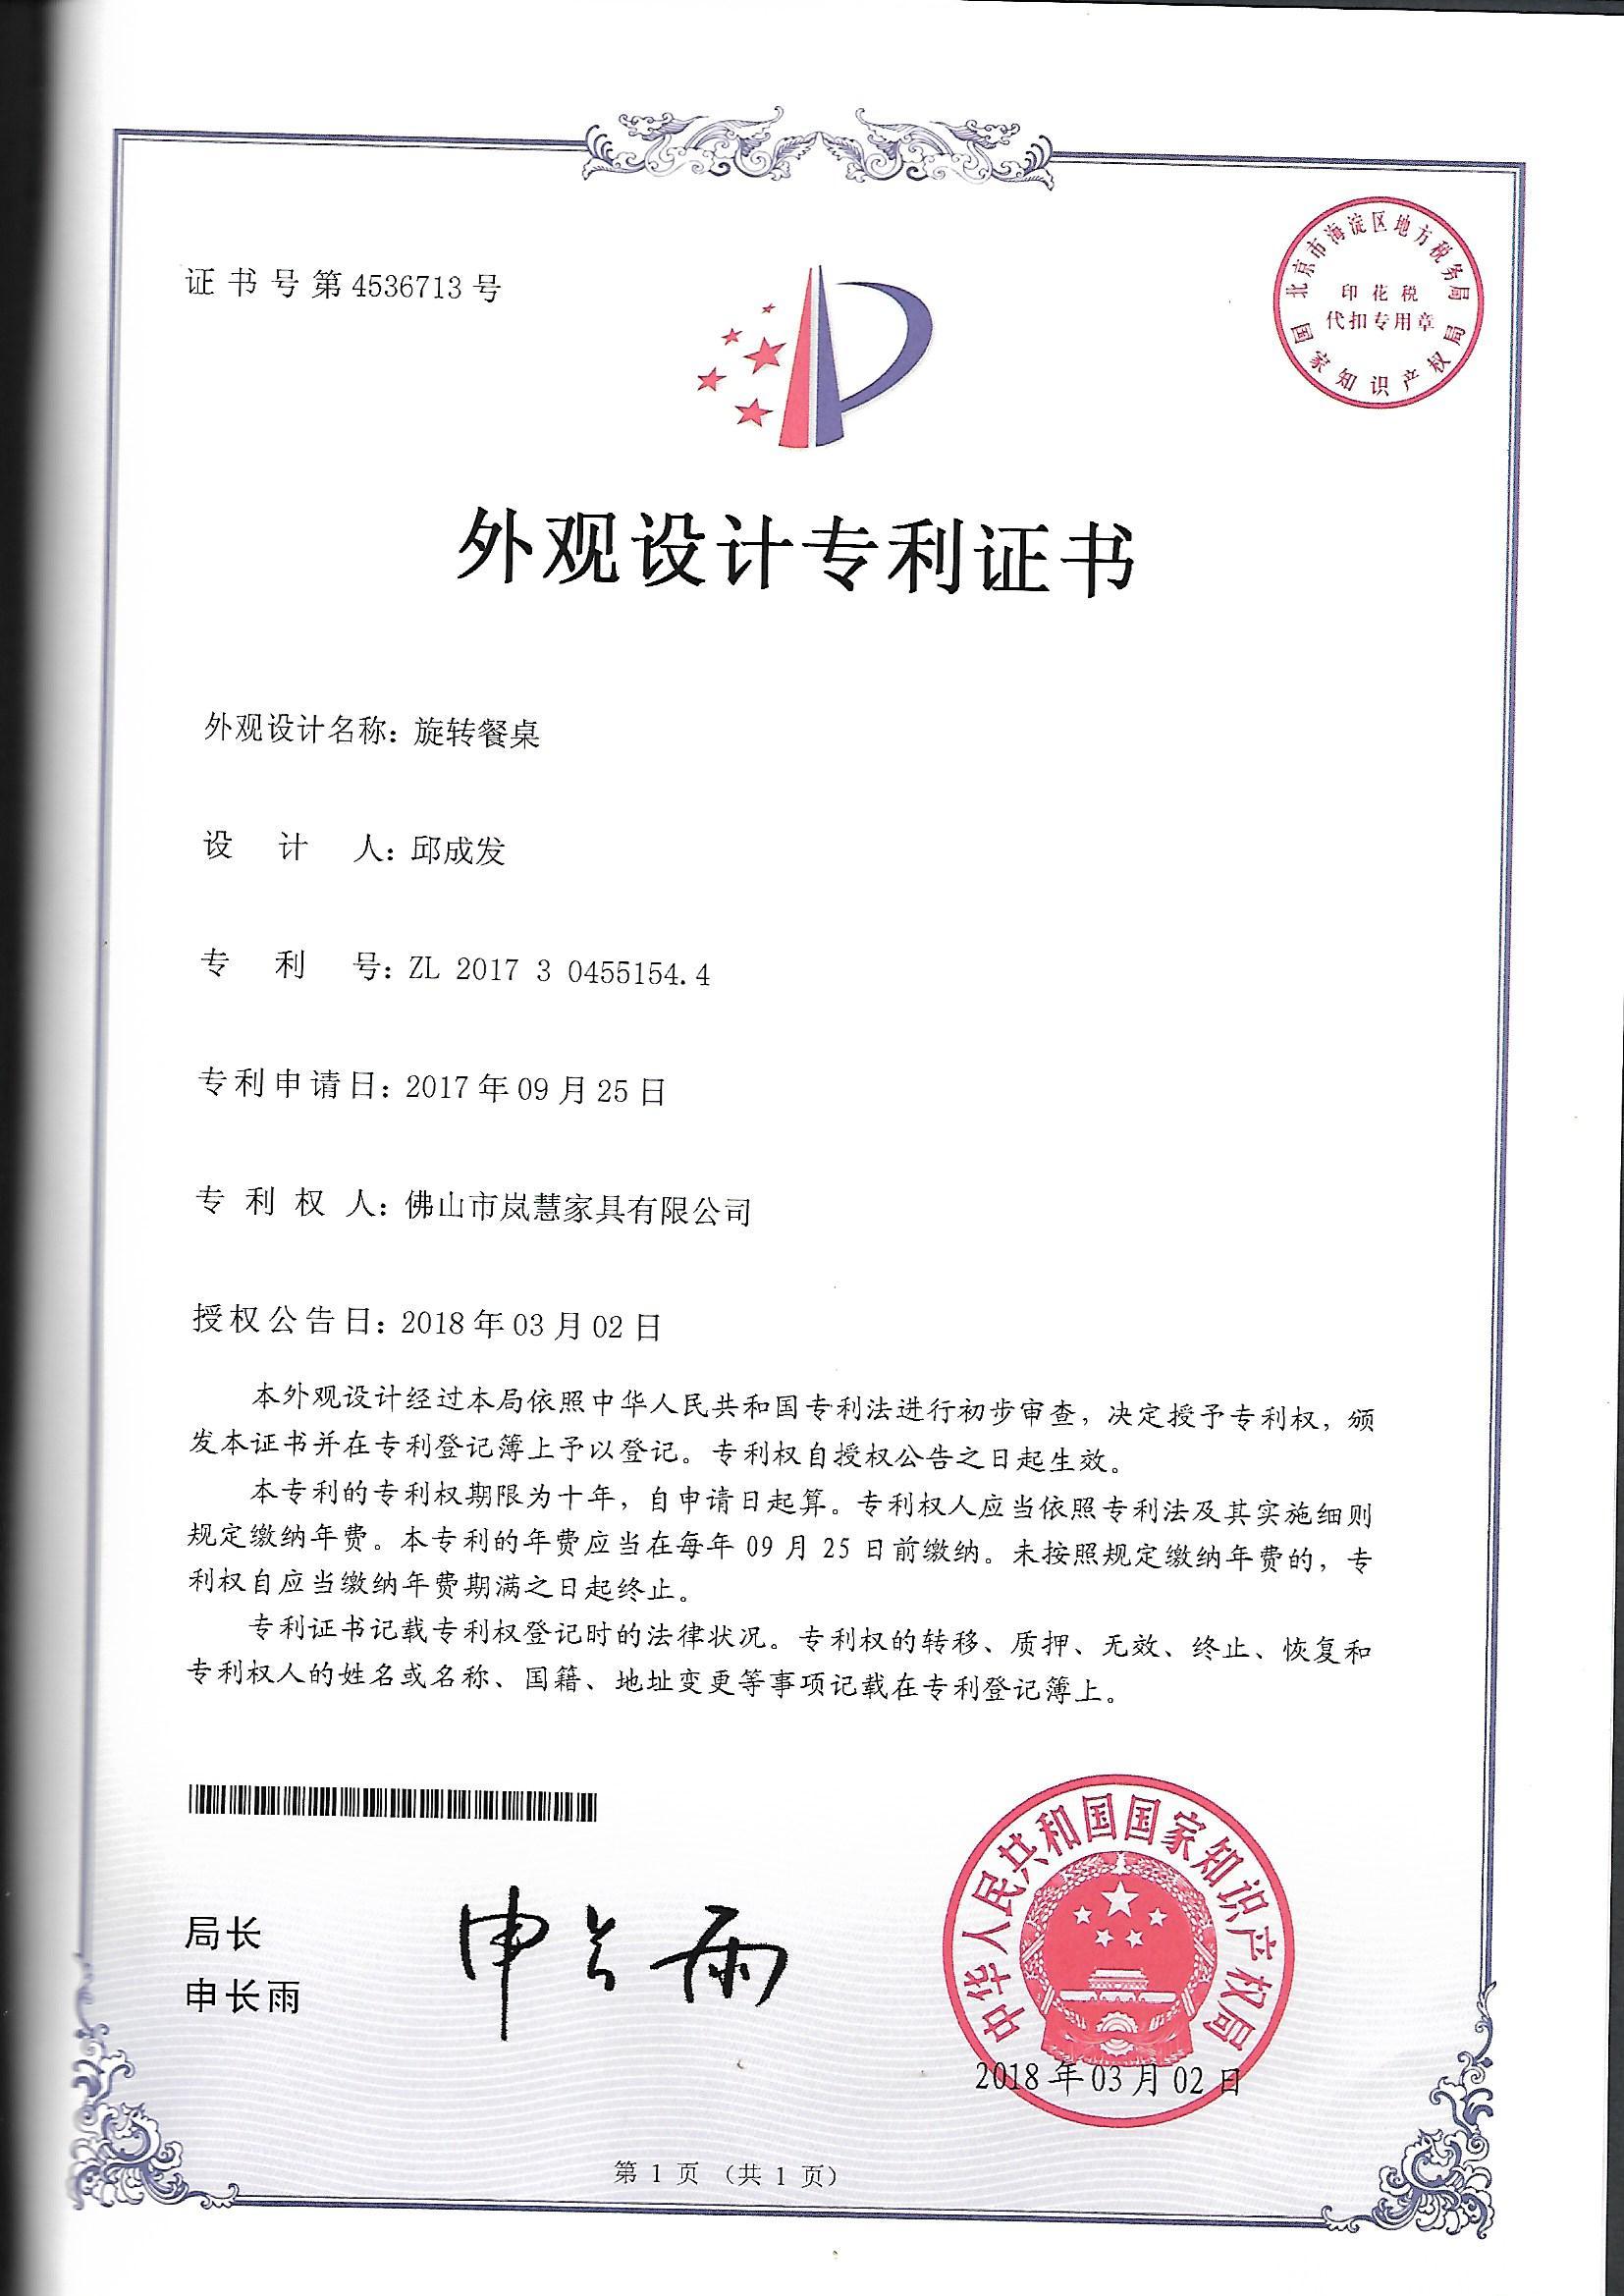 火锅设备专利